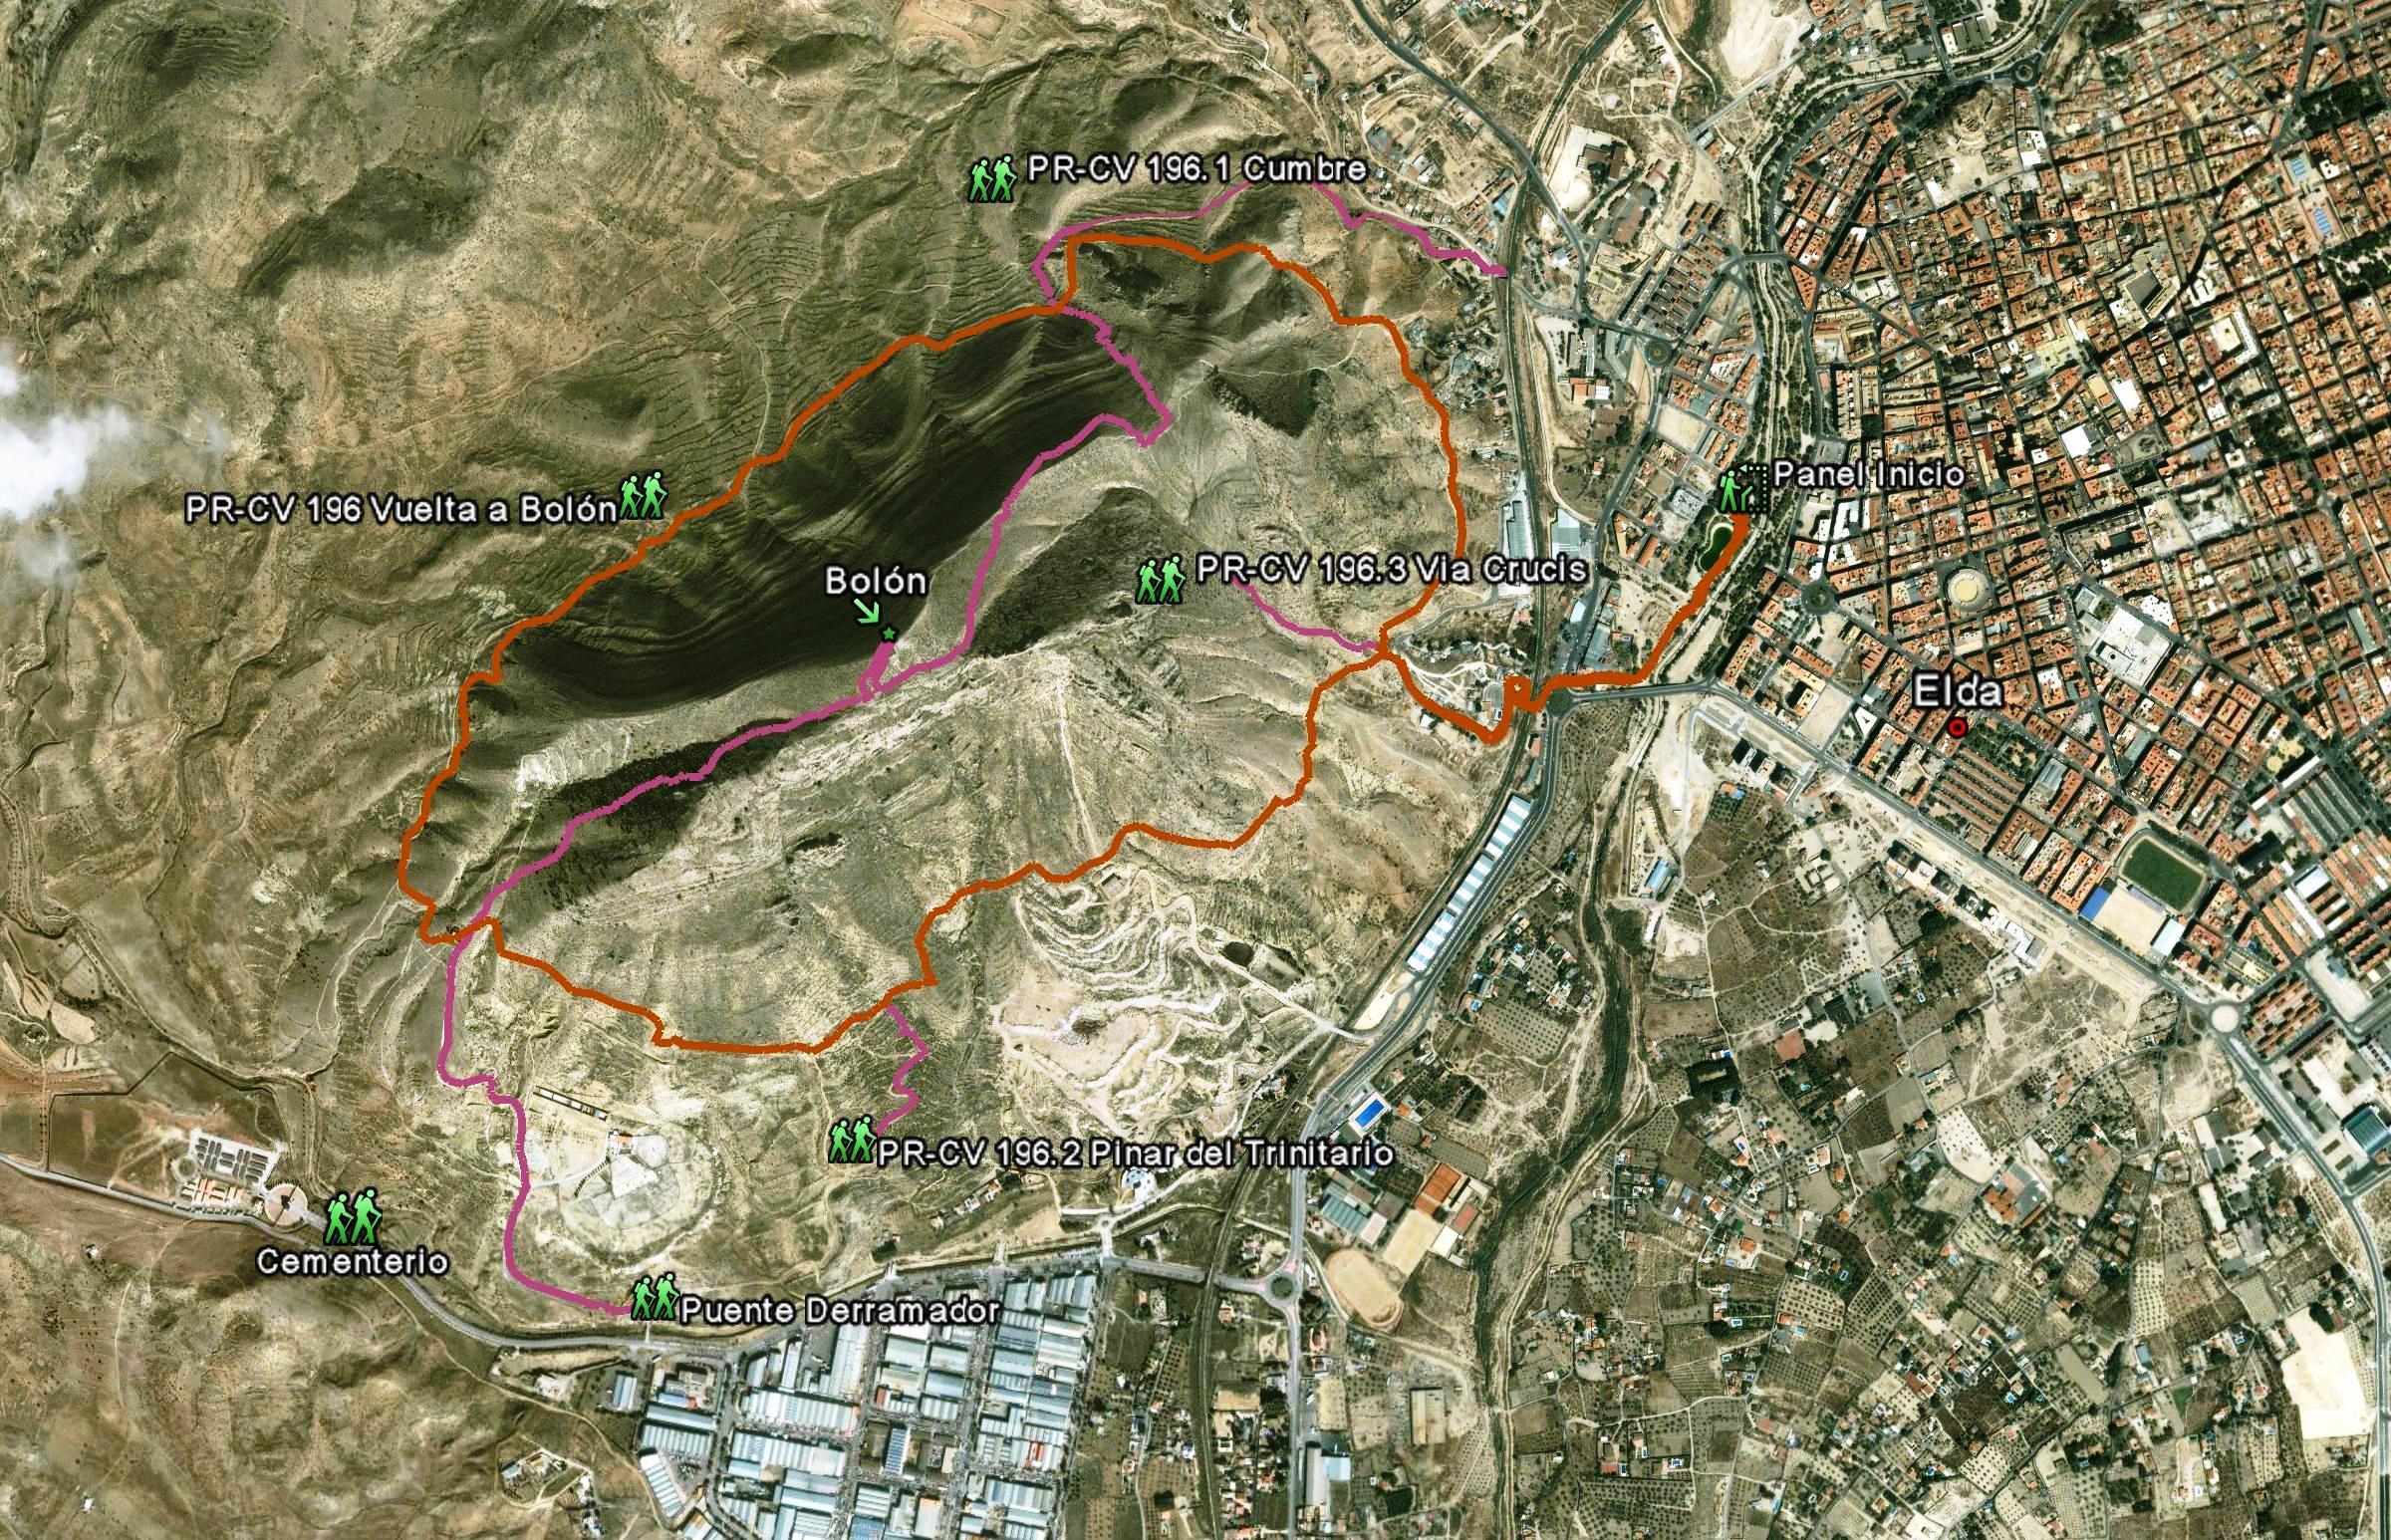 Mapa PR-CR 196 Vuelta a Bolón